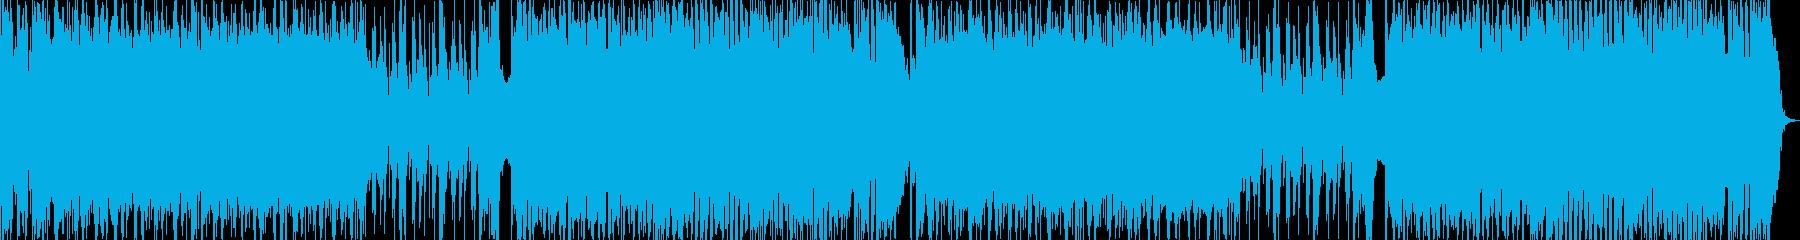 バラエティ、オープニング用元気なロックの再生済みの波形